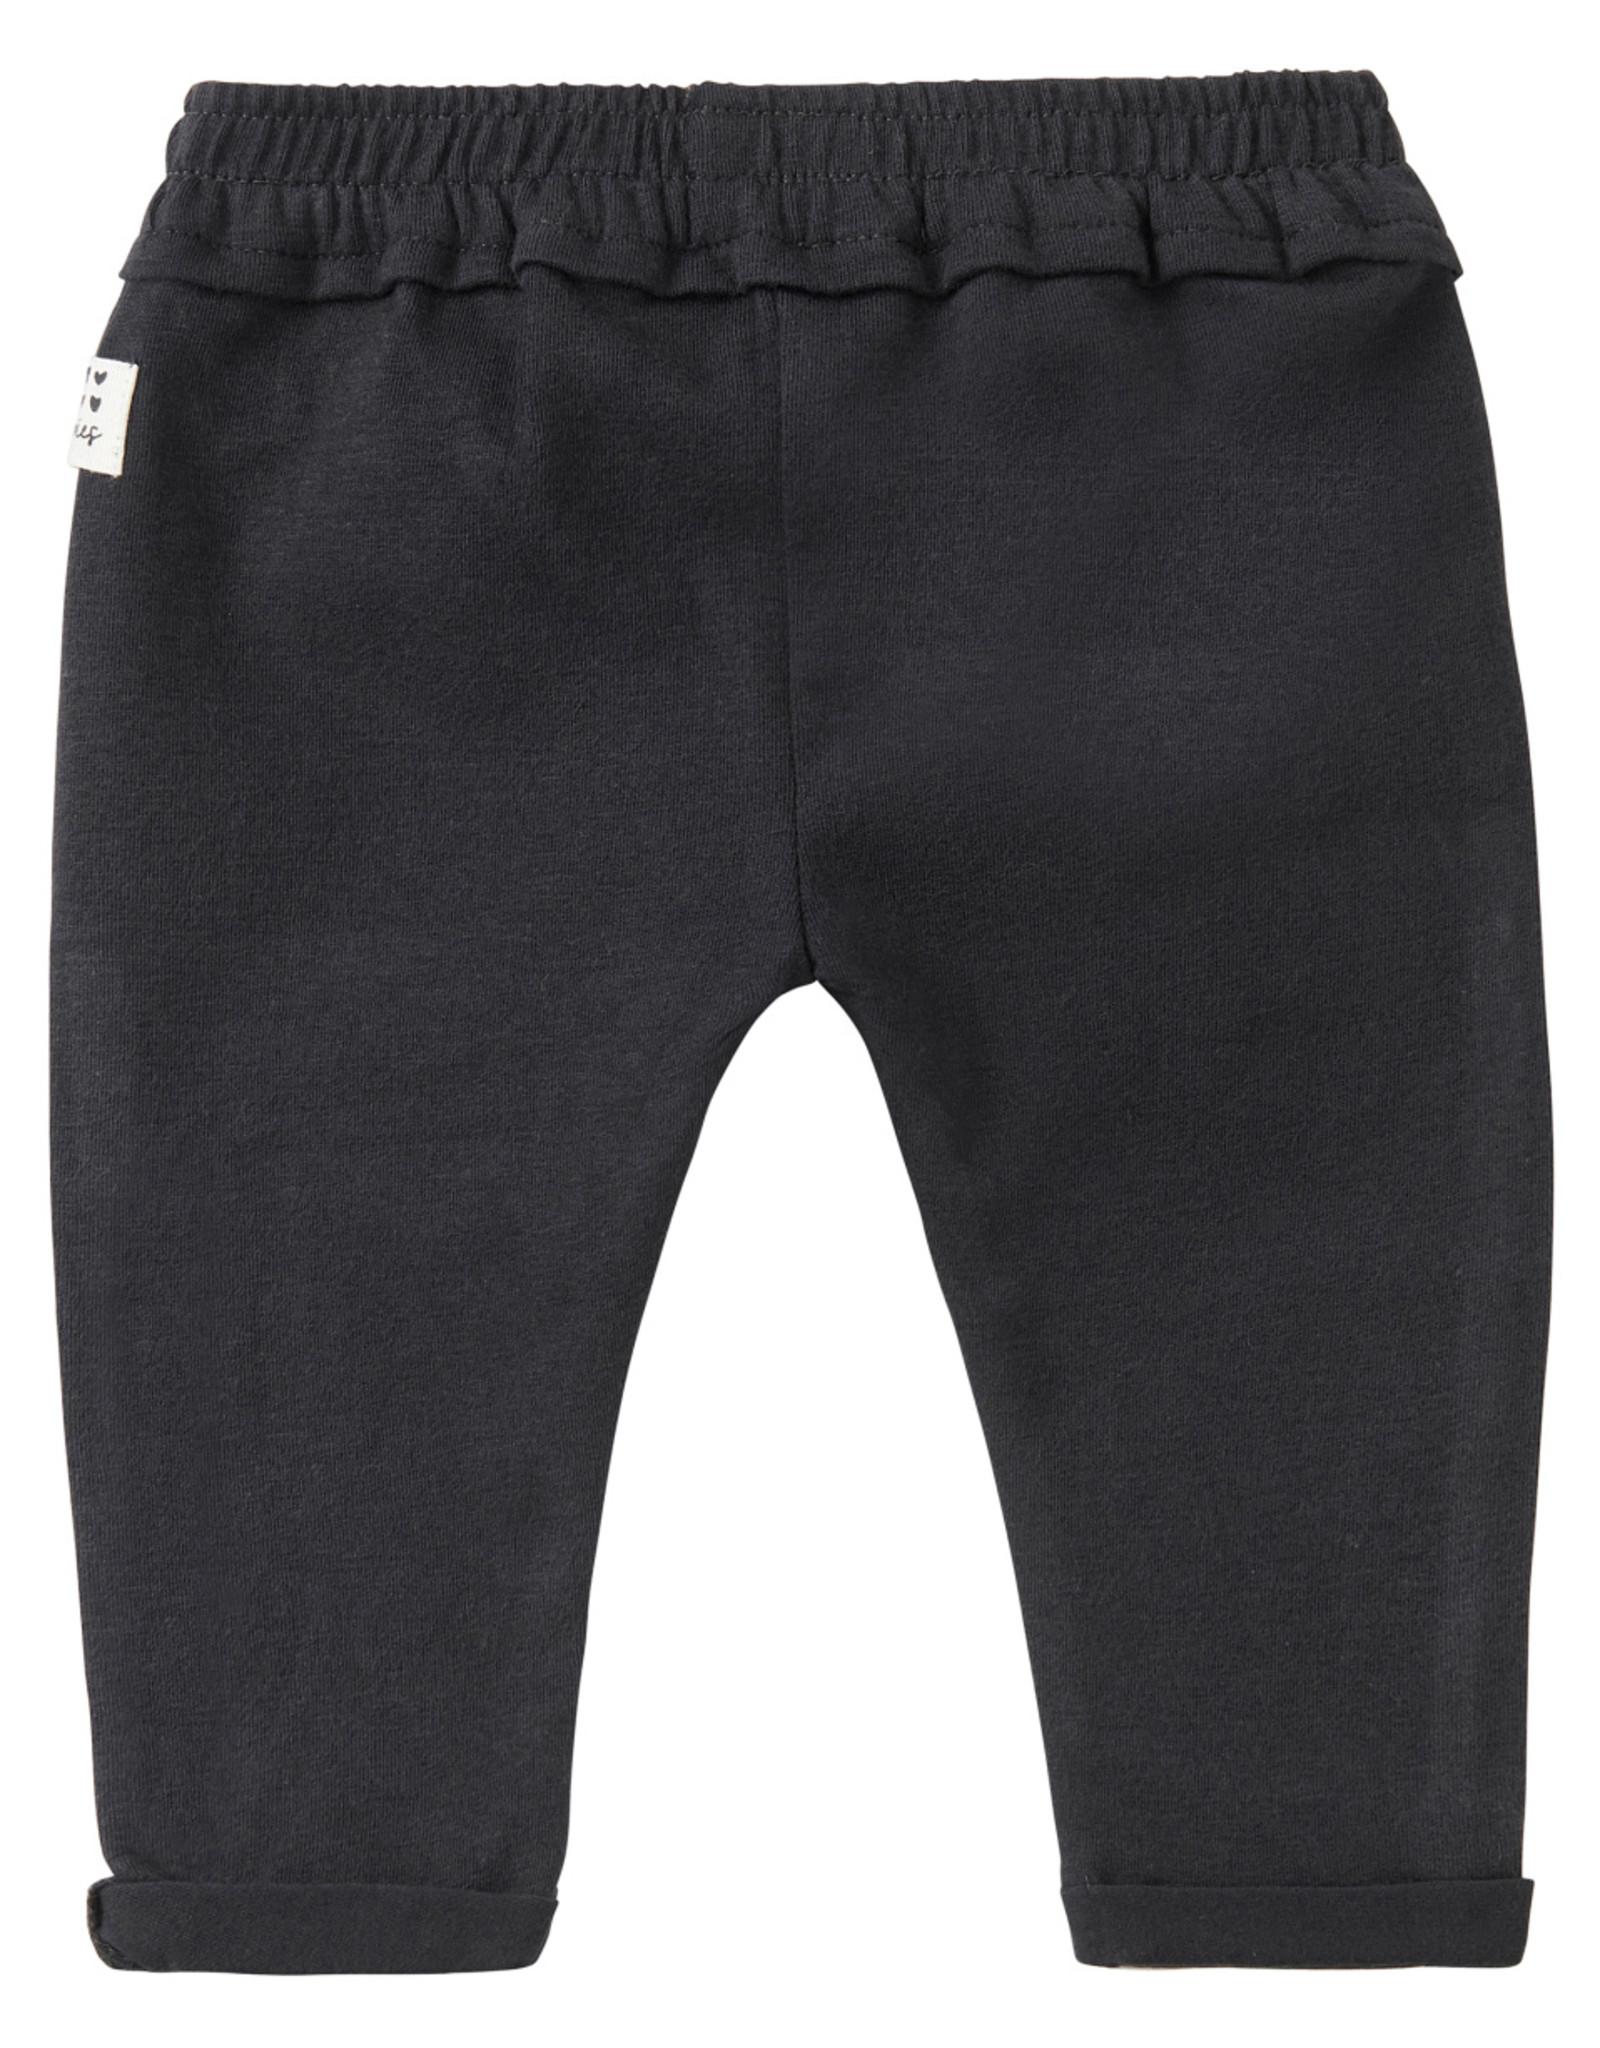 Noppies Noppies G Regular Fit Pants Howick Phantom